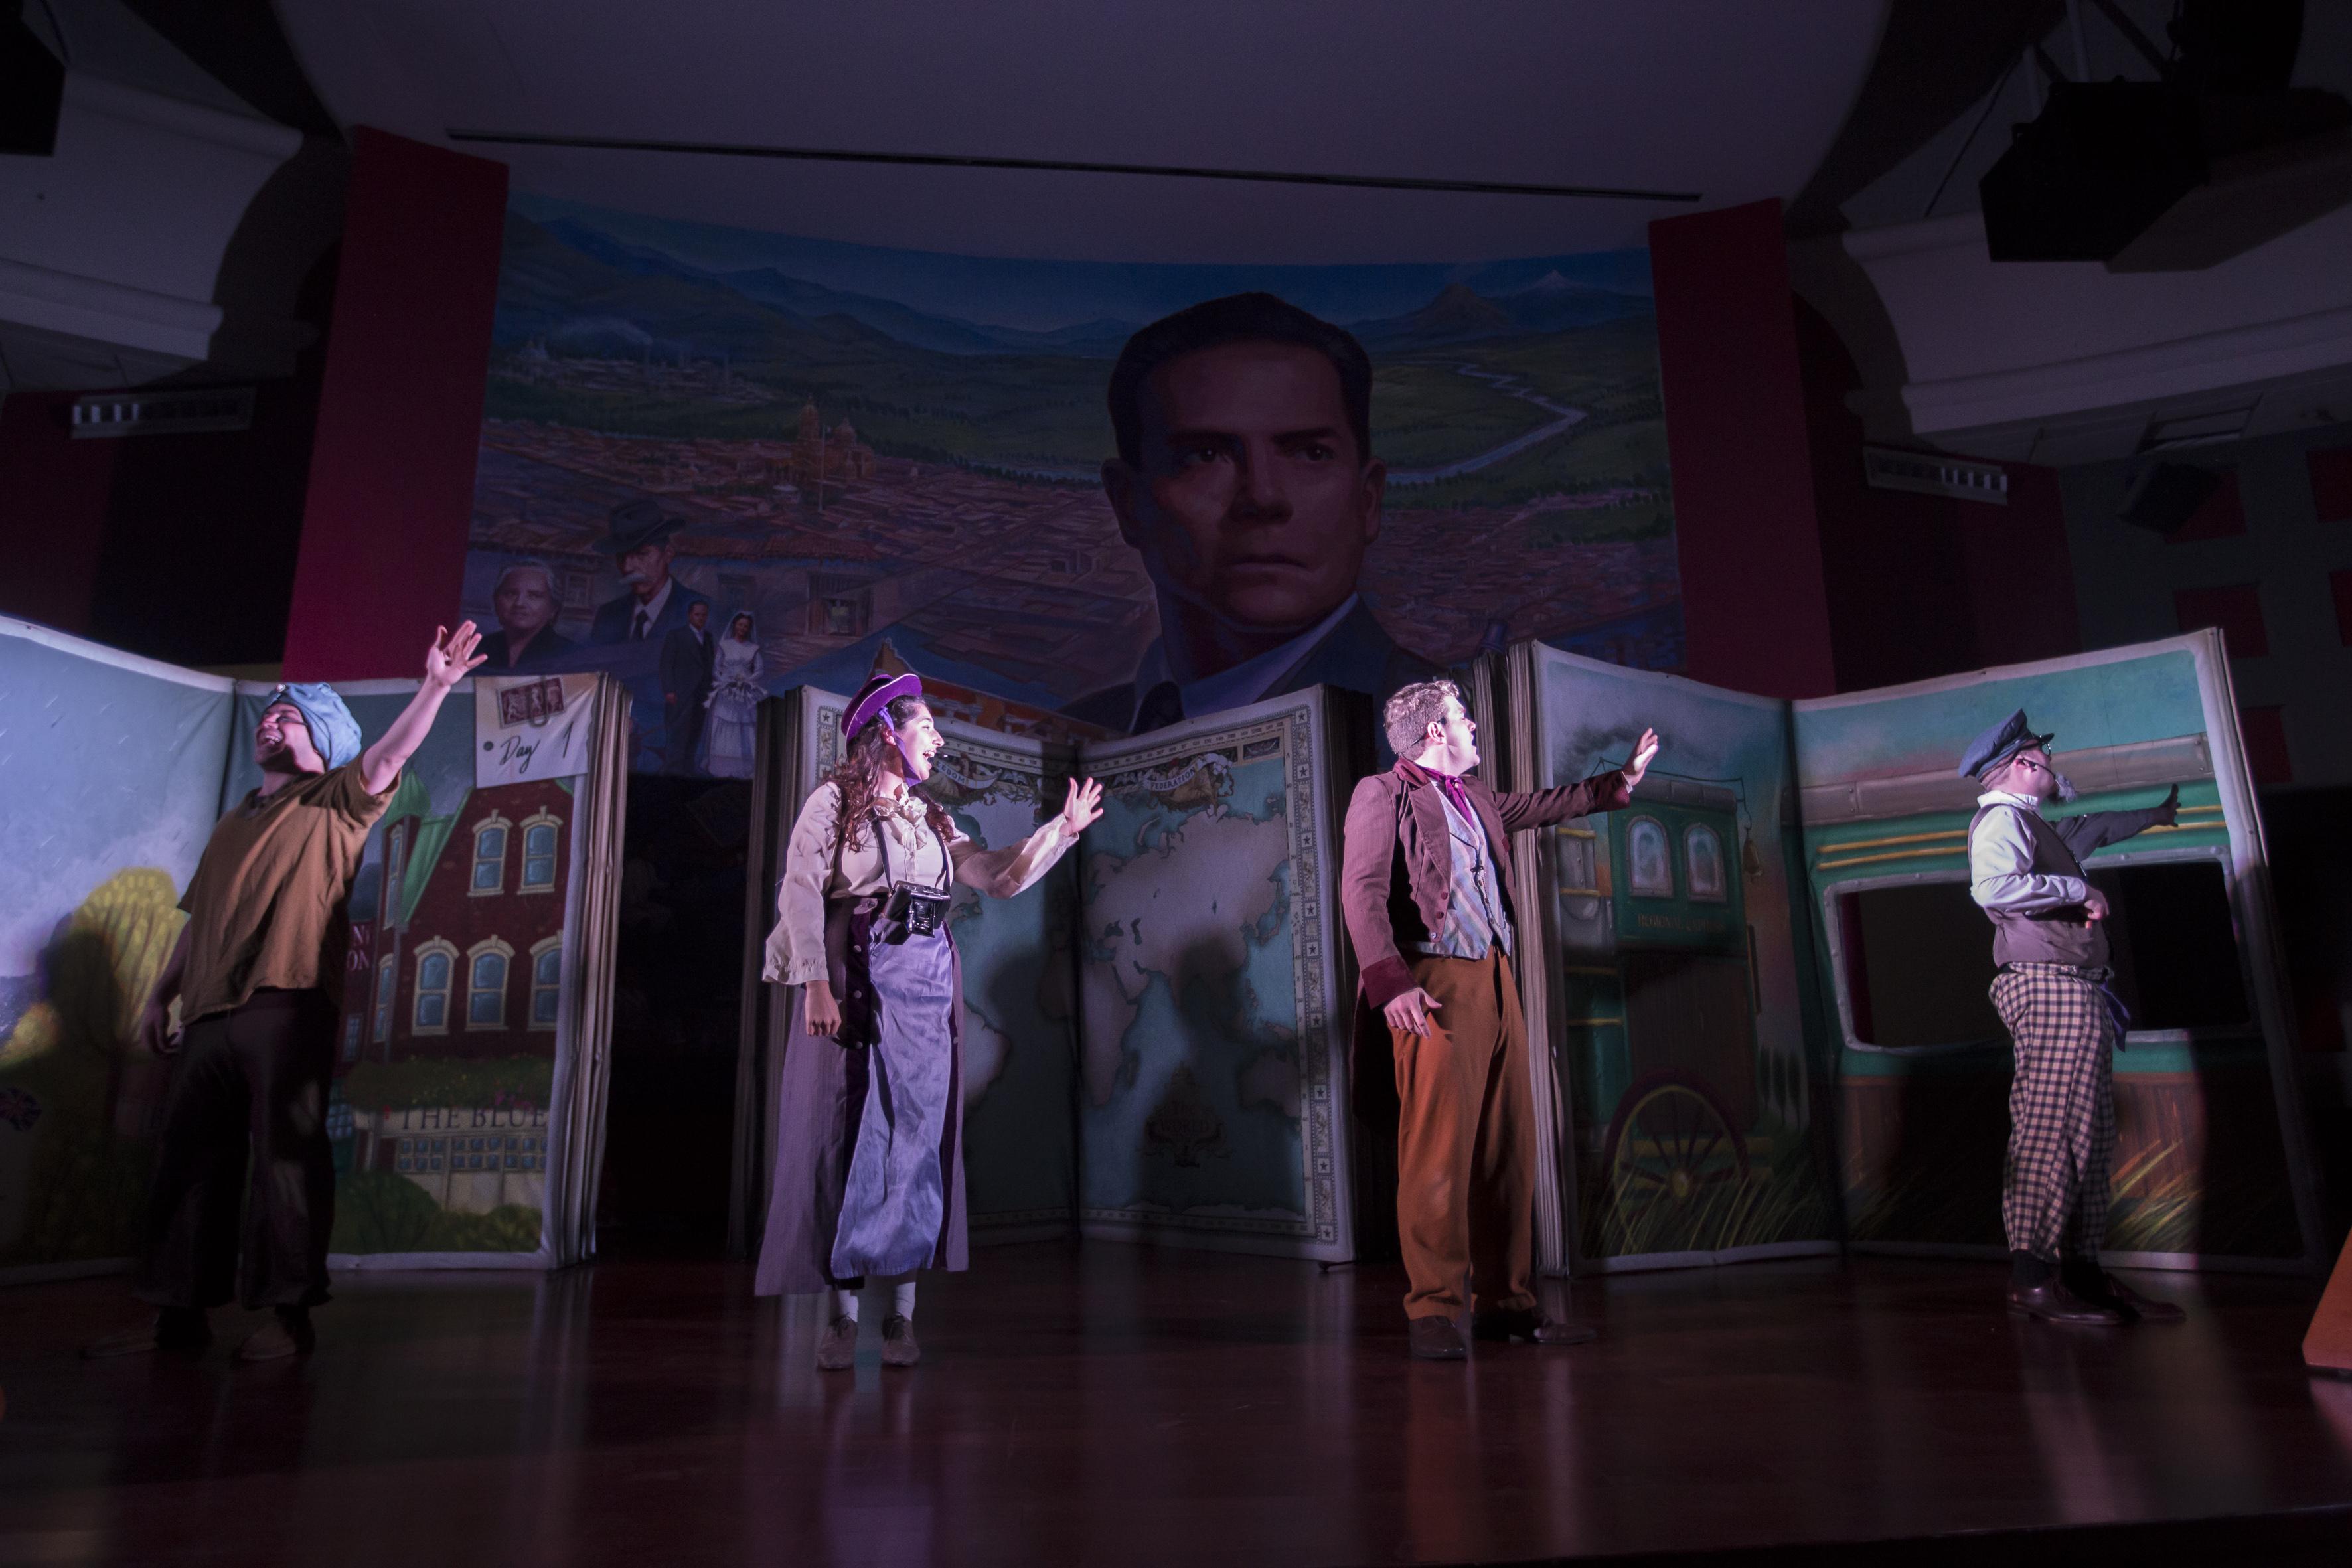 Actores de la obra La vuelta al mundo en 80 días, de Julio Verne que presentó la compañía argentina Art Spot